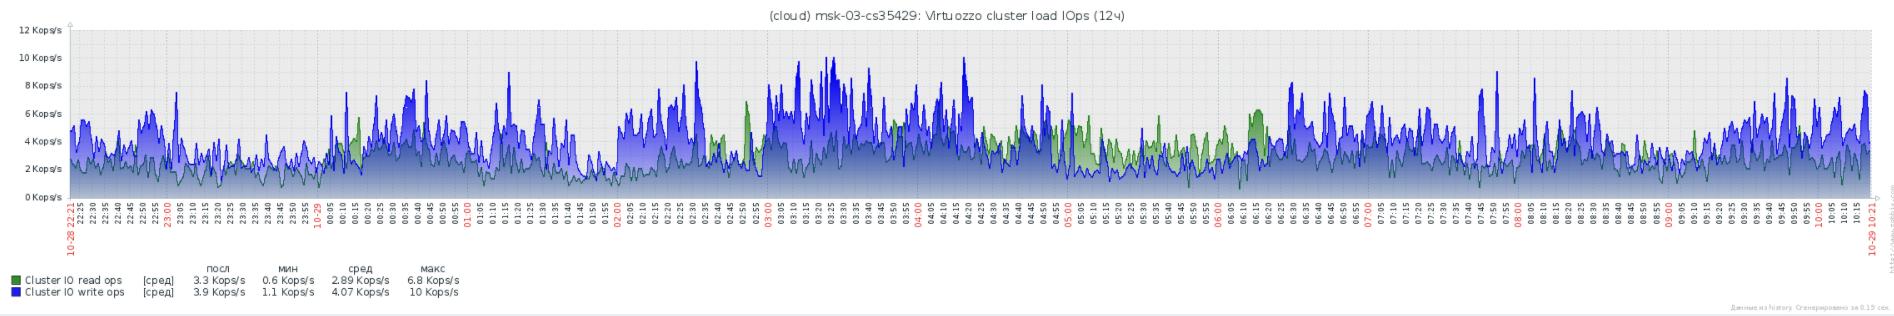 Virtuozzo Storage: Реальный опыт эксплуатации, советы по оптимизации и решению проблем - 7